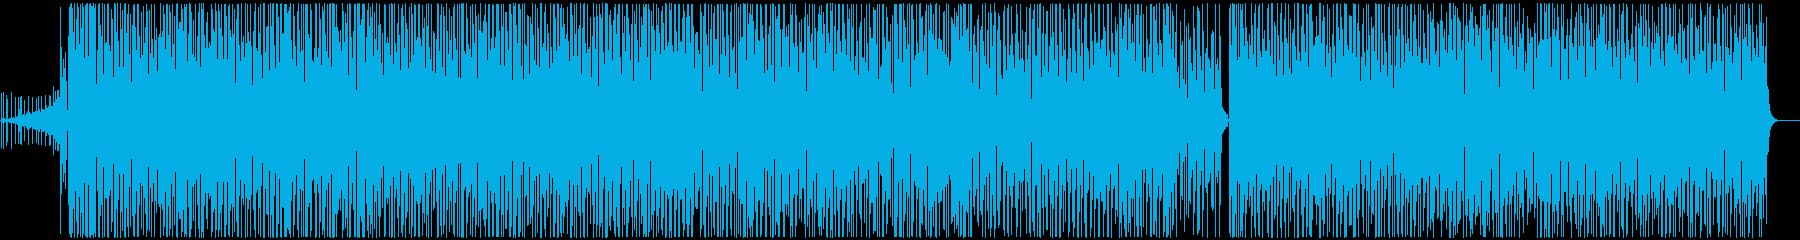 デジタルノイズが彩るブラジリアングルーヴの再生済みの波形